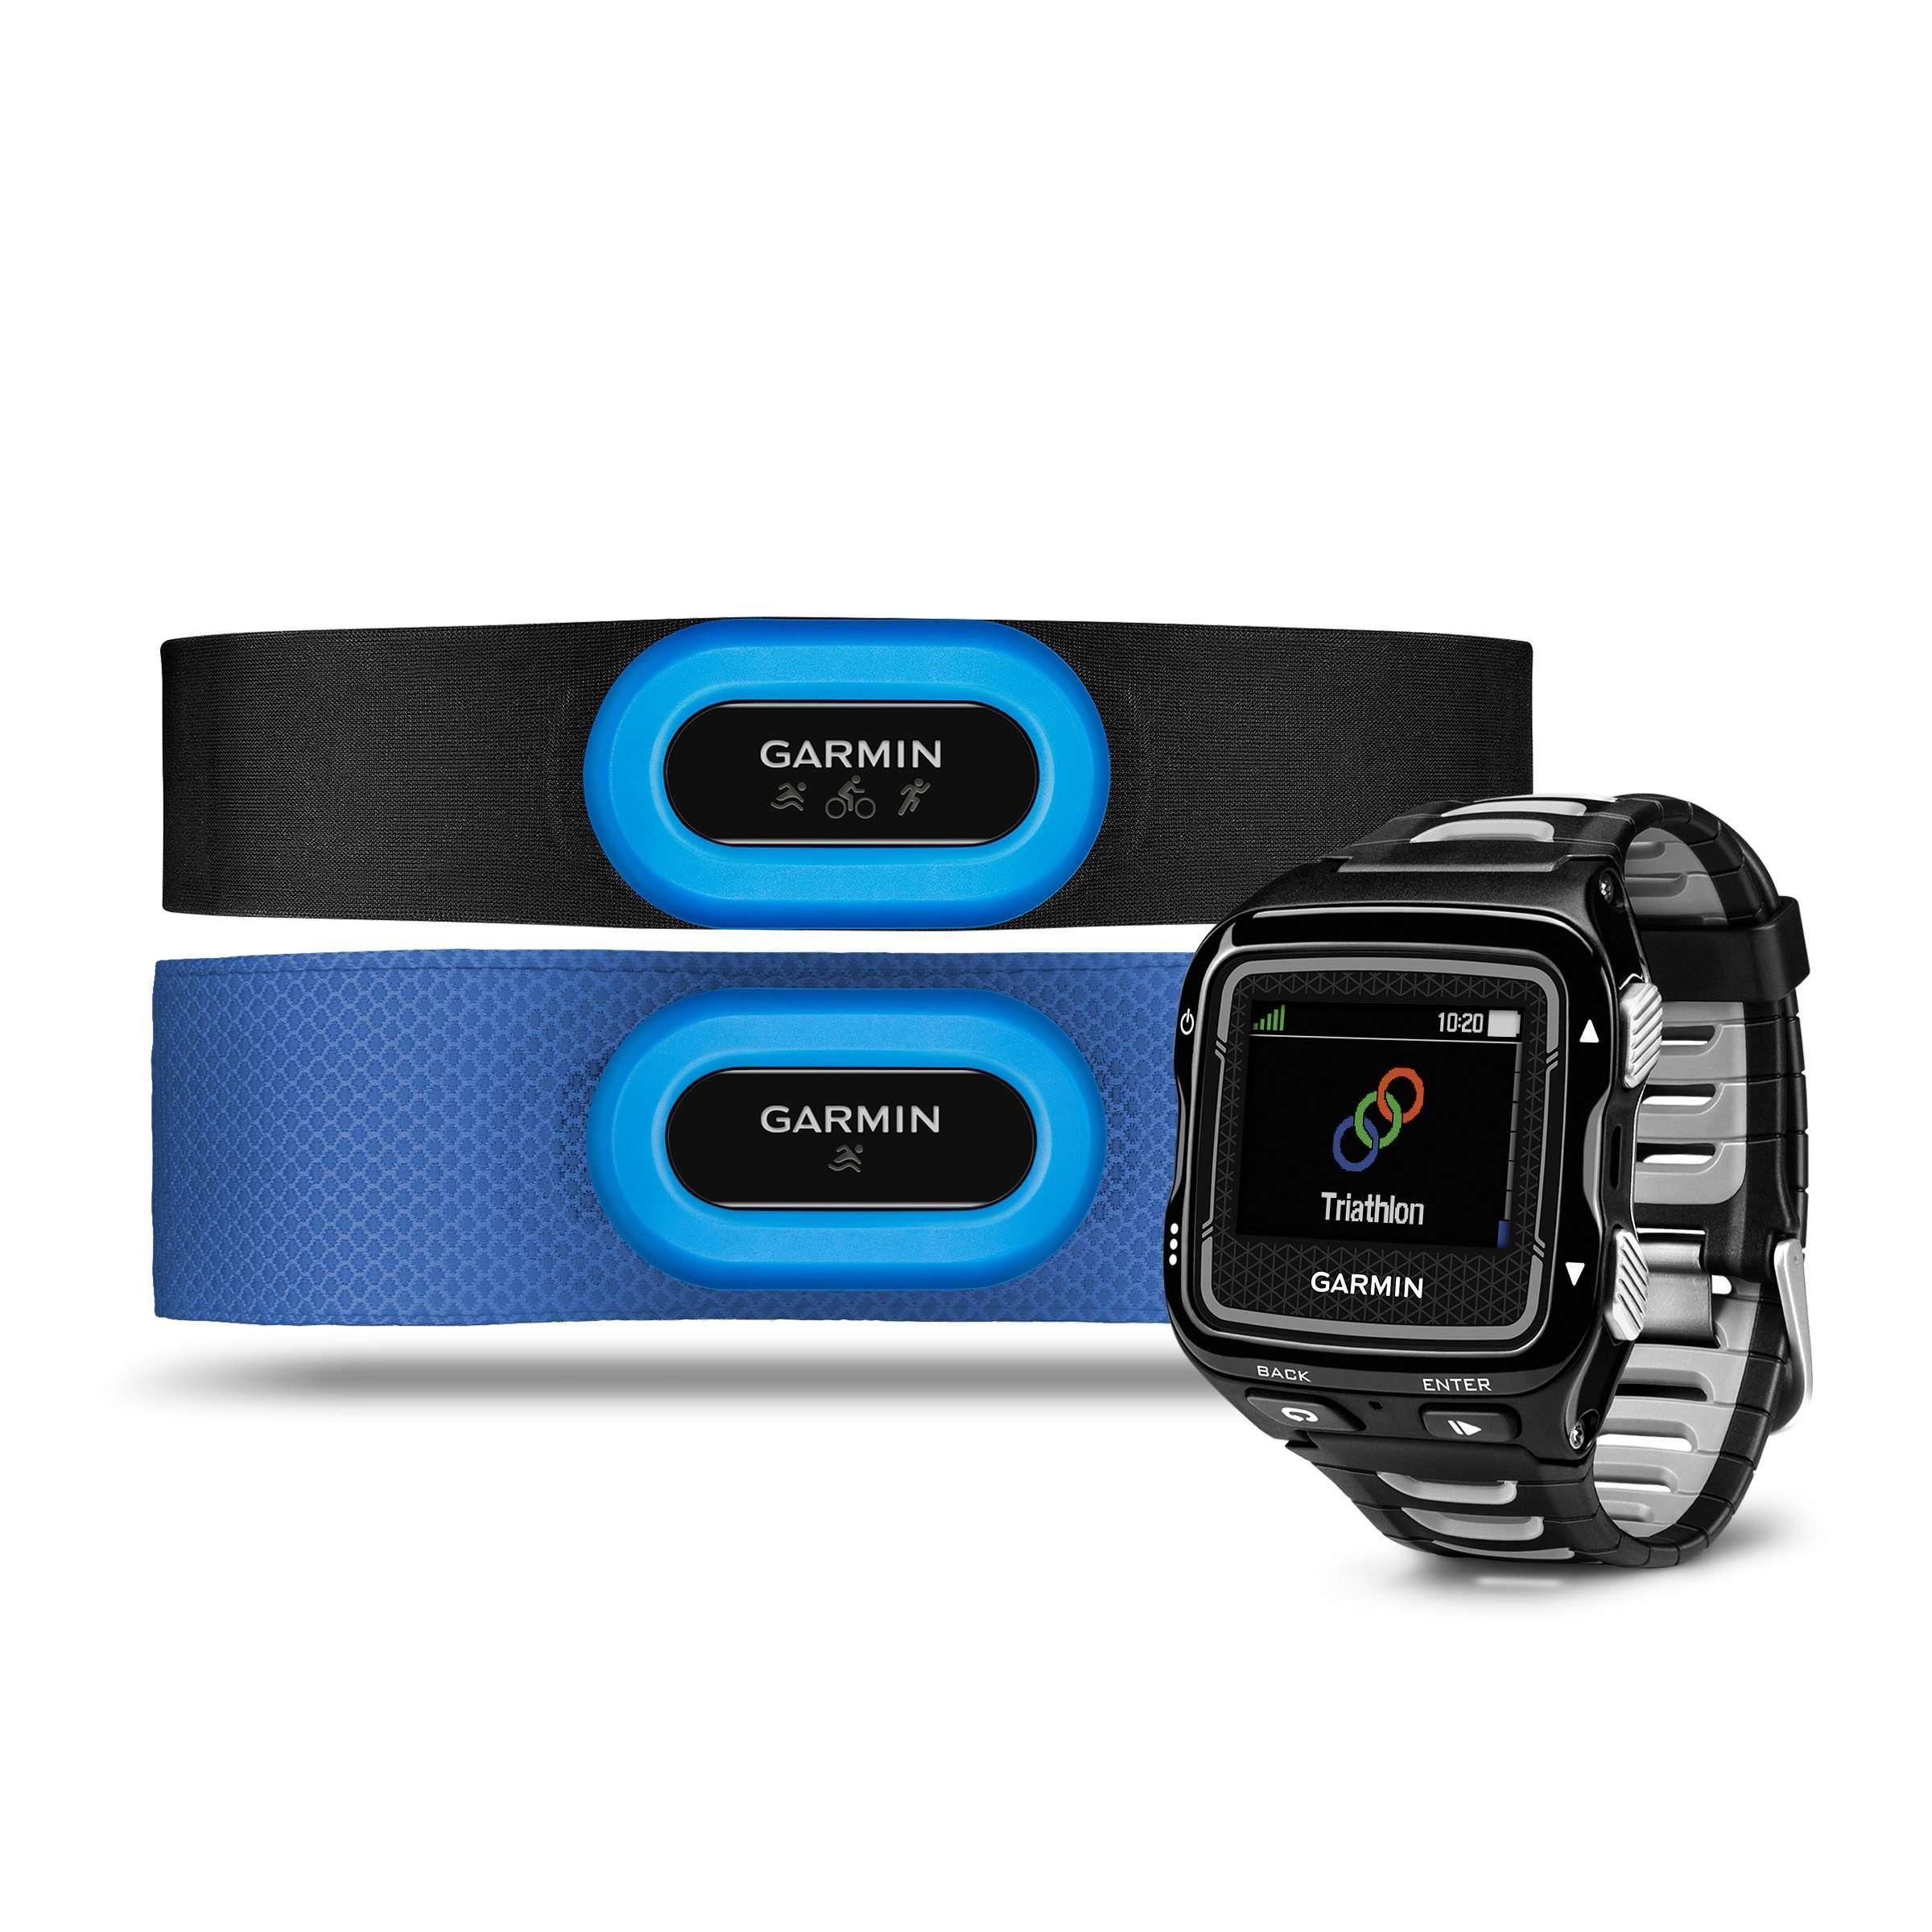 GARMIN Forerunner 920 XT Multi-Sport GPS Watch Bundle